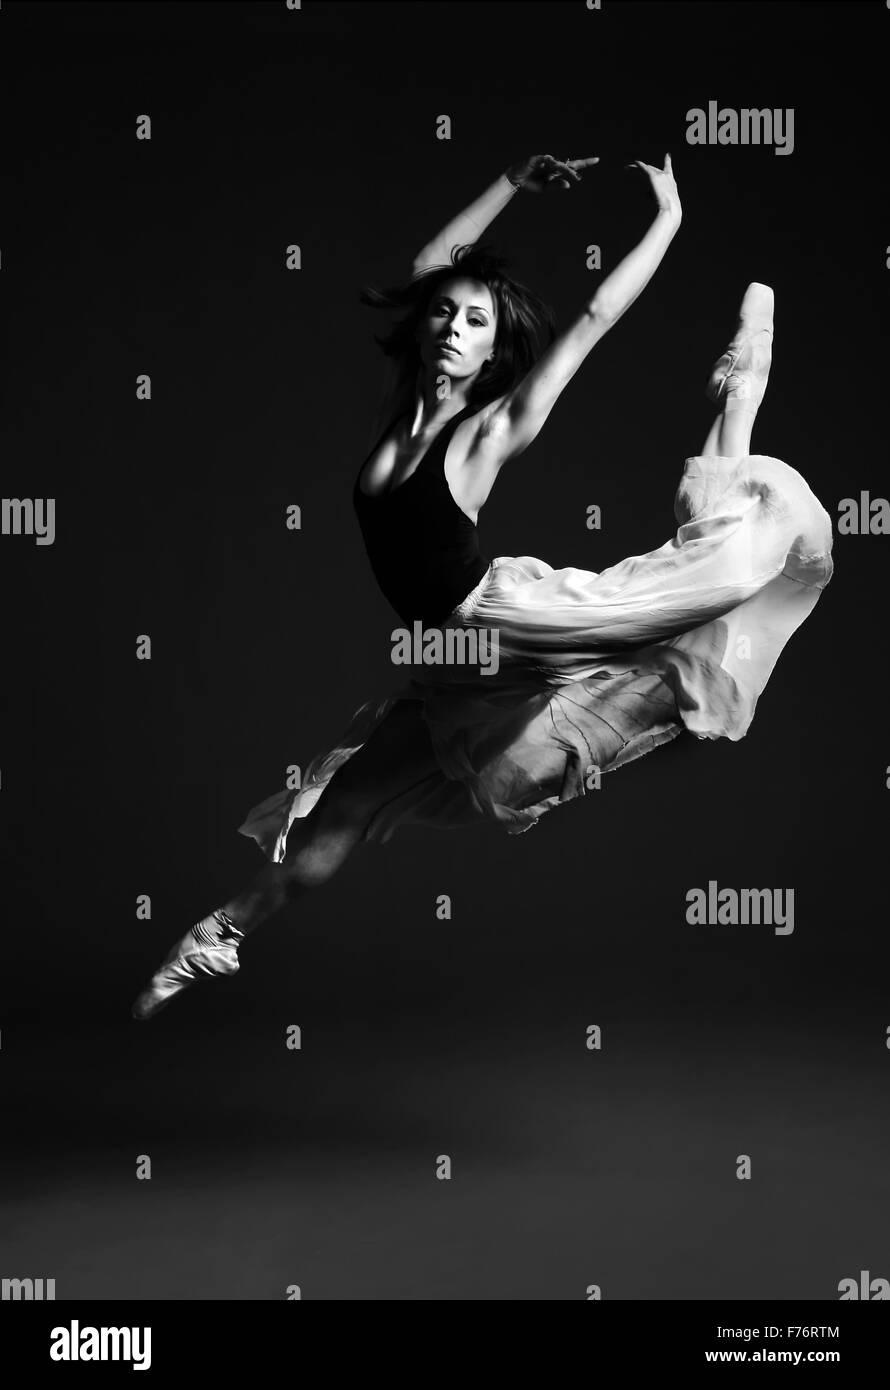 Danseur de Ballet en substitution battant pose, image en noir et blanc Photo Stock